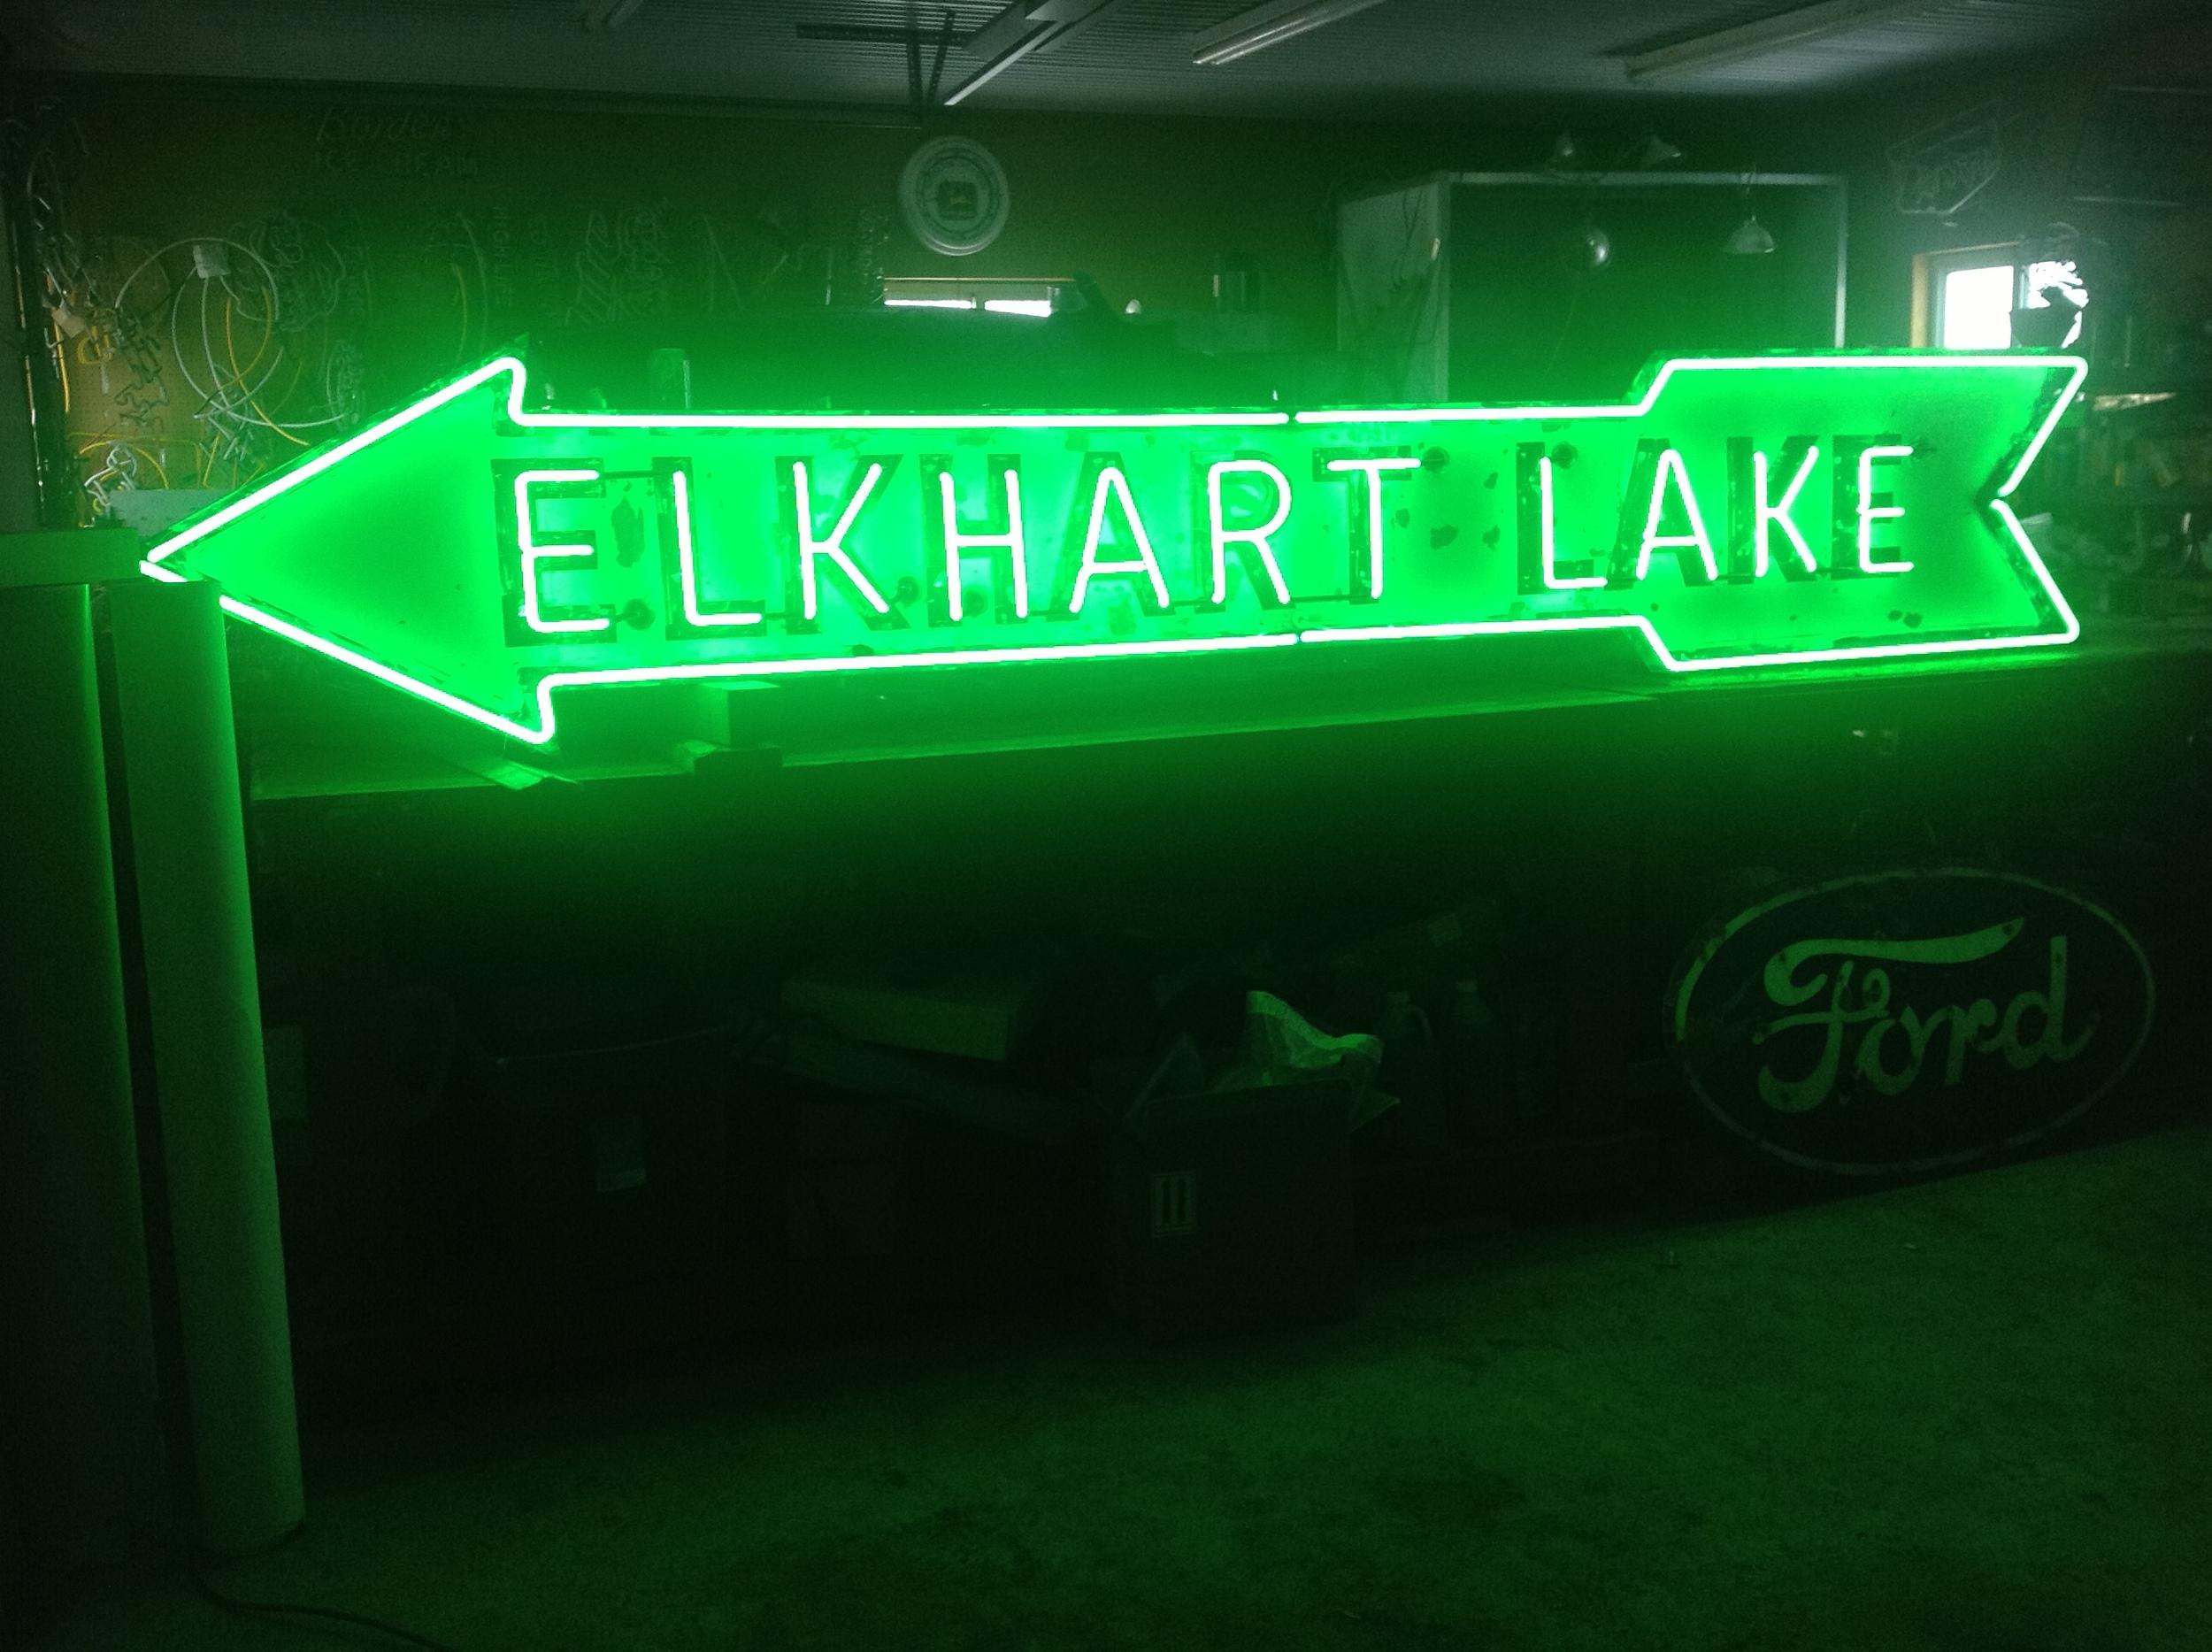 Elkhart Lake Arrow - Neon & Porcelain